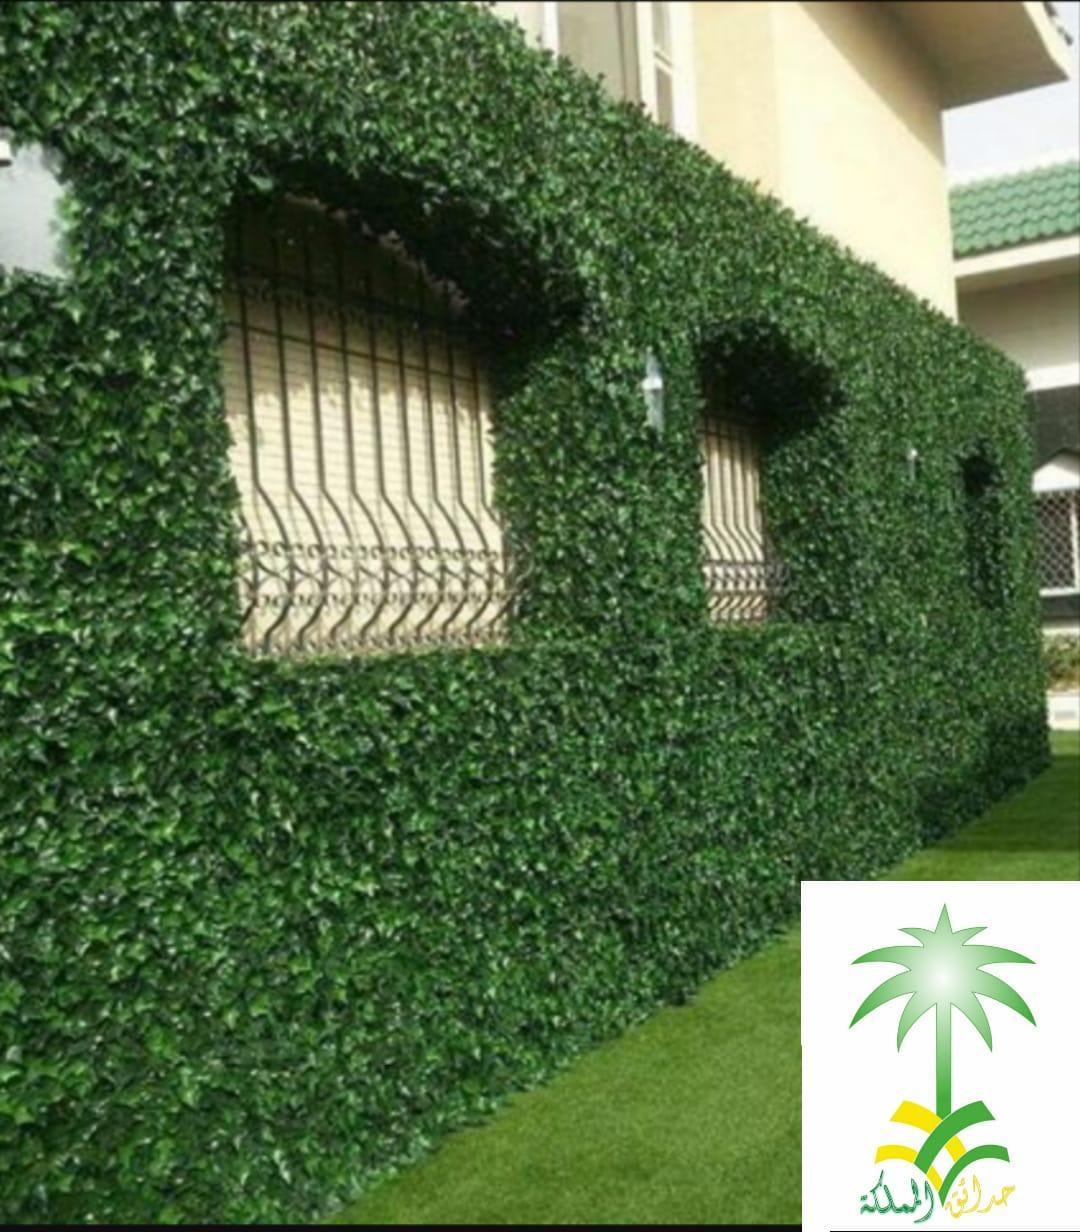 مؤسسة,حدائق,المملكة,للعشب,الصناعي,ديكورات,0556242888 460017043